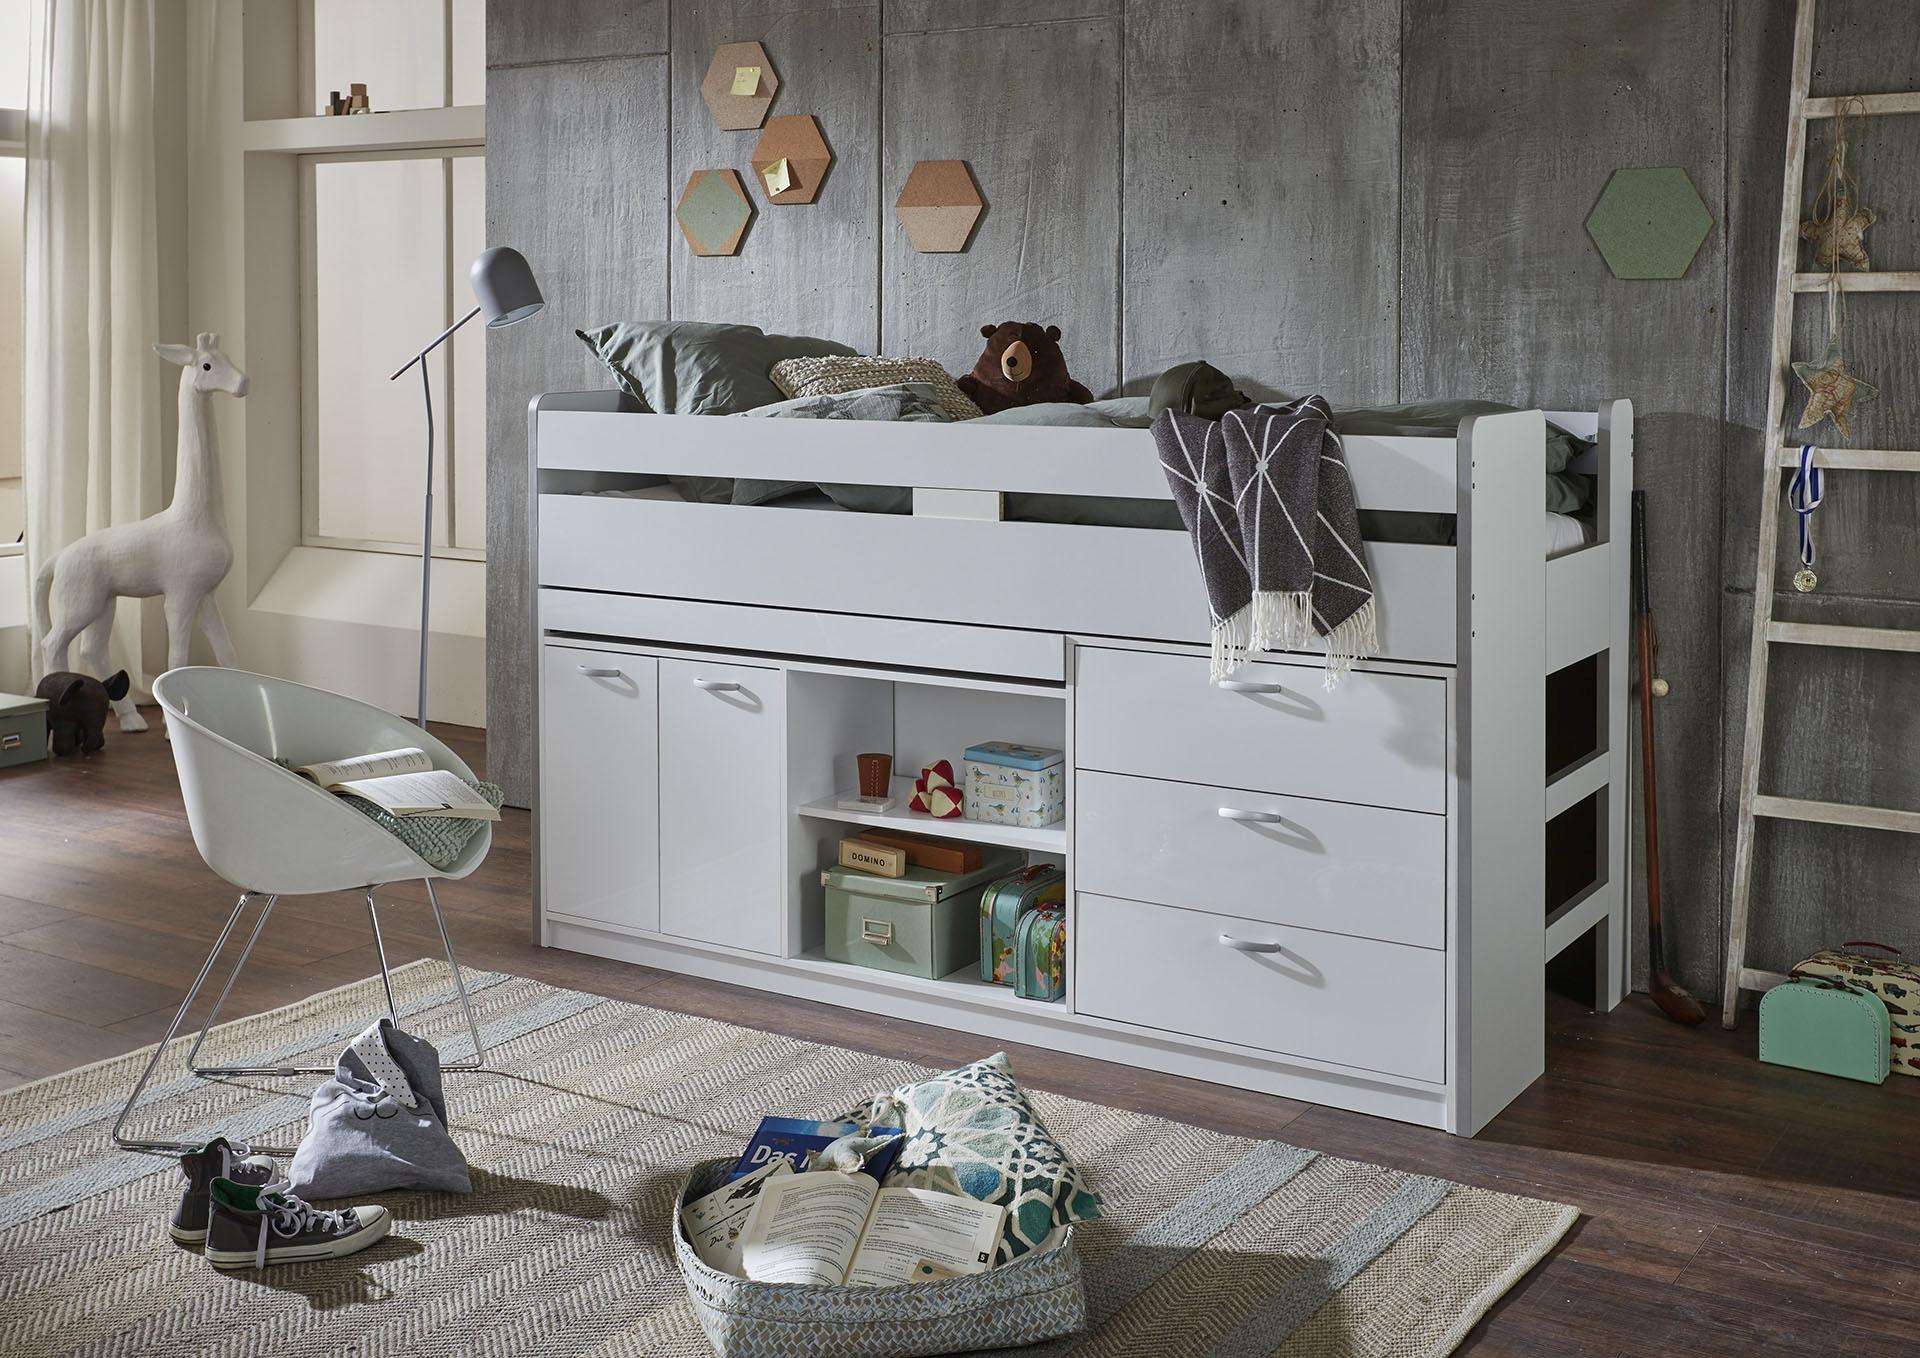 Relita Hochbett weiß Kinder Kinderbetten Kindermöbel